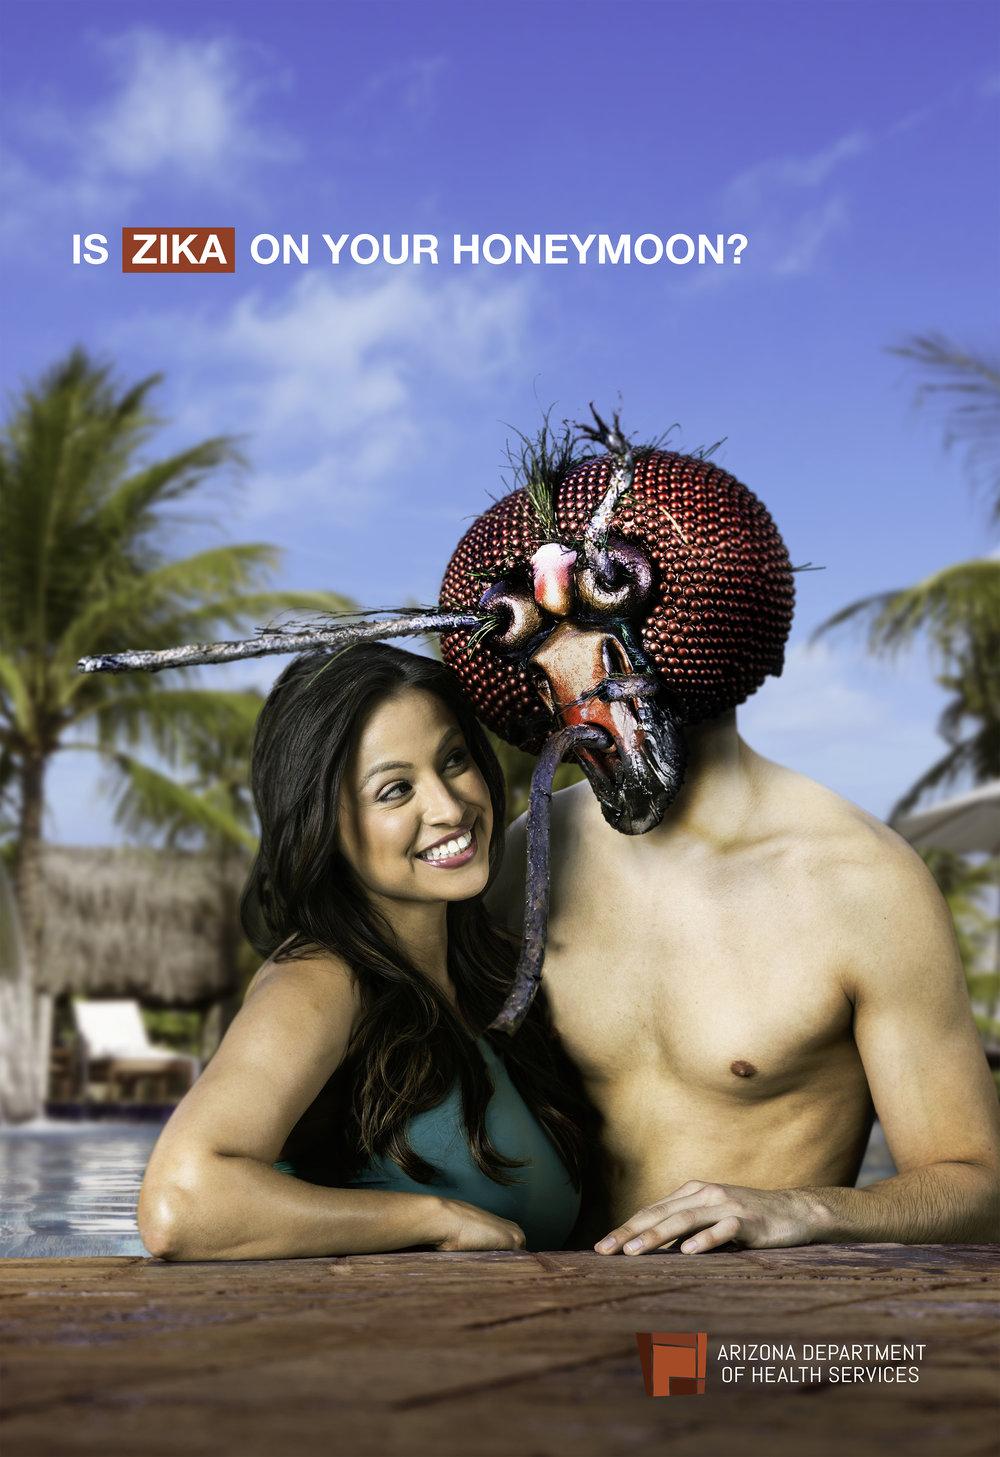 zika-unbranded-honeymoon-vertical.jpg